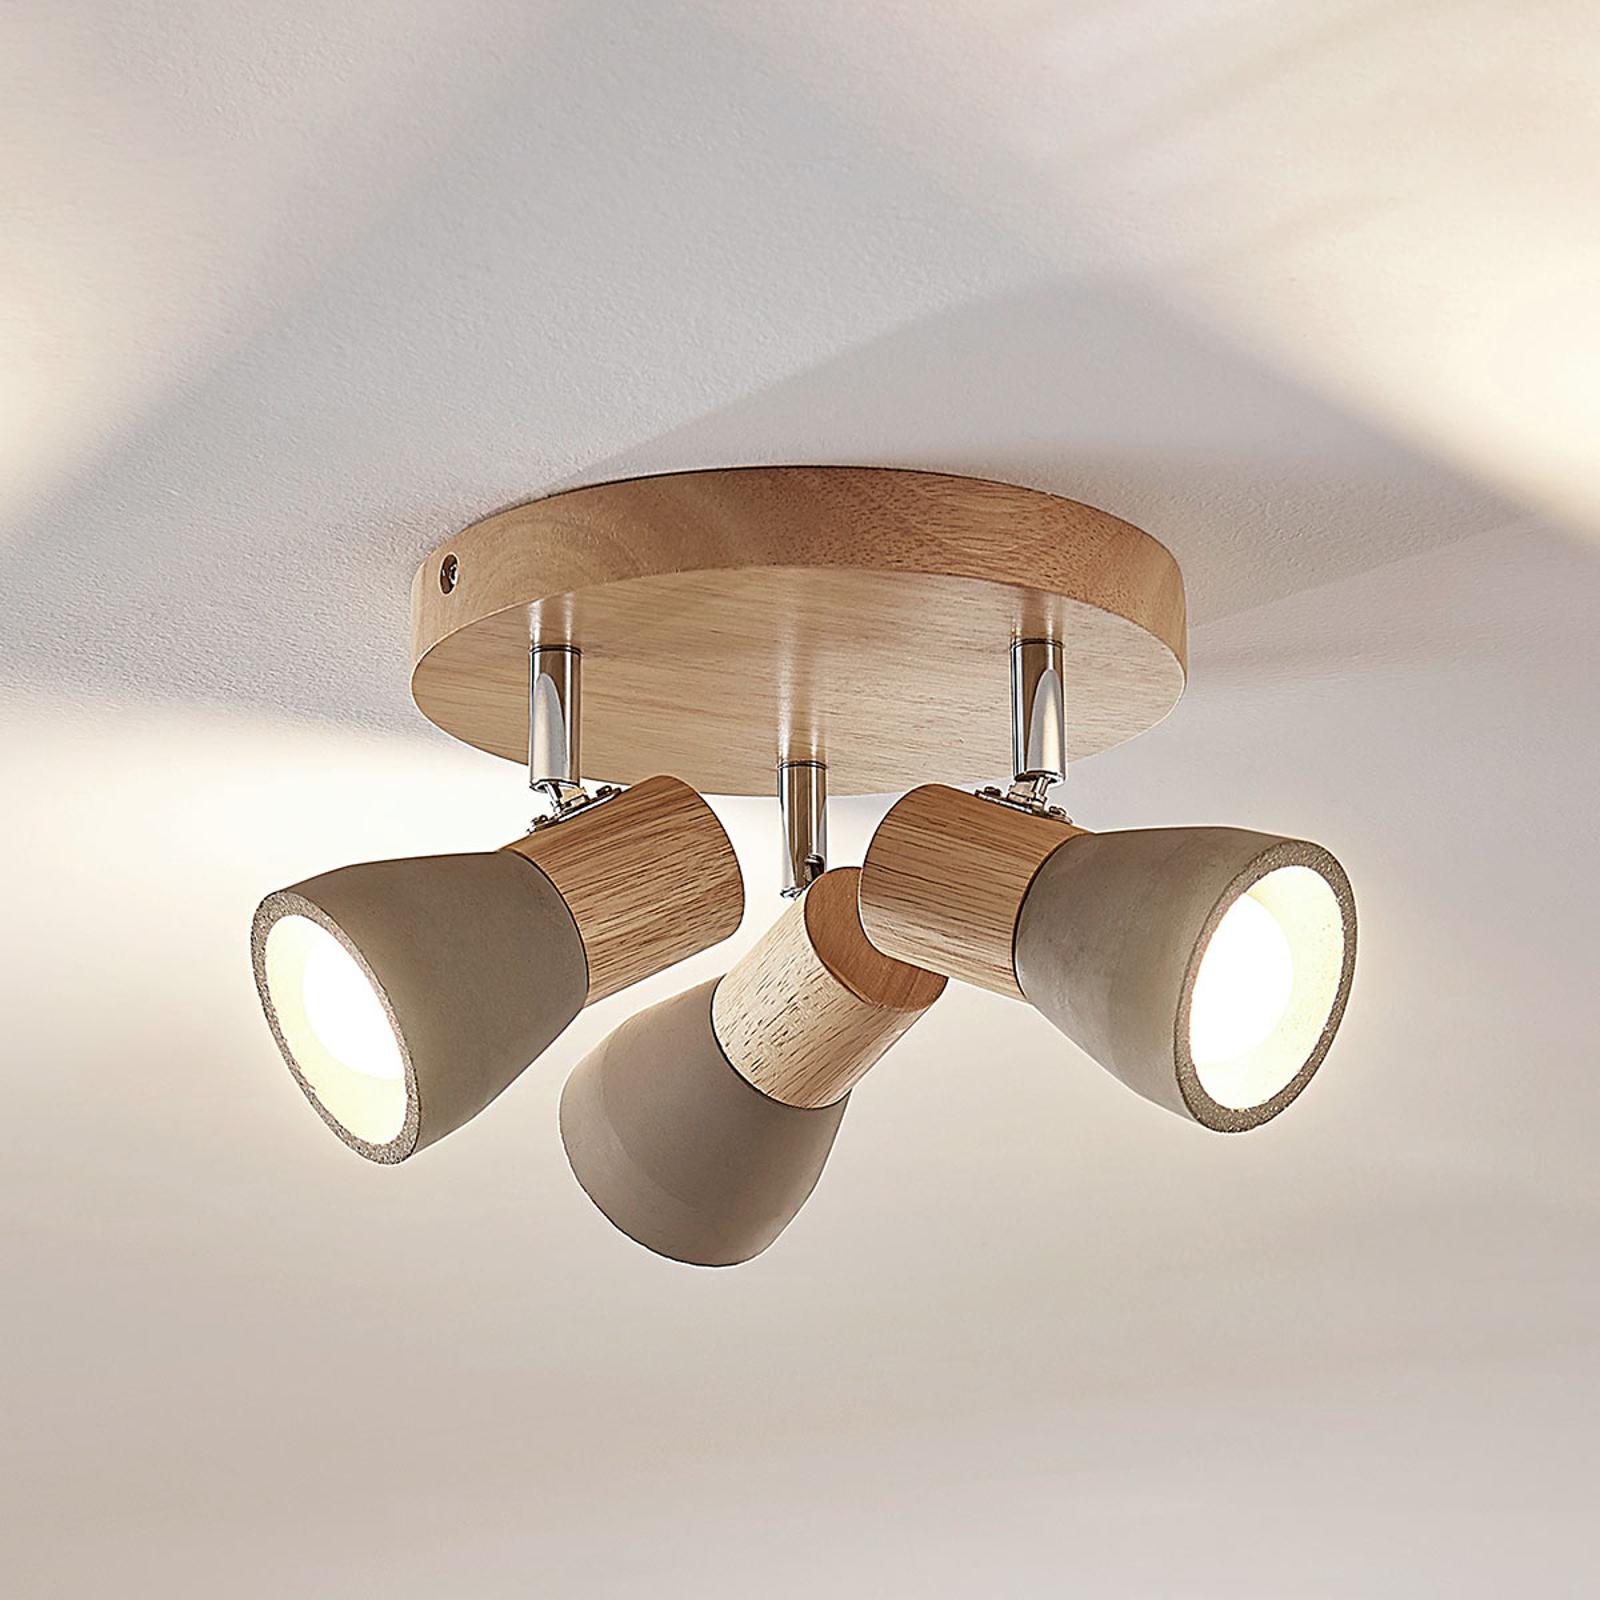 LED-Strahler Filiz aus Holz und Beton, 3-fl., rund